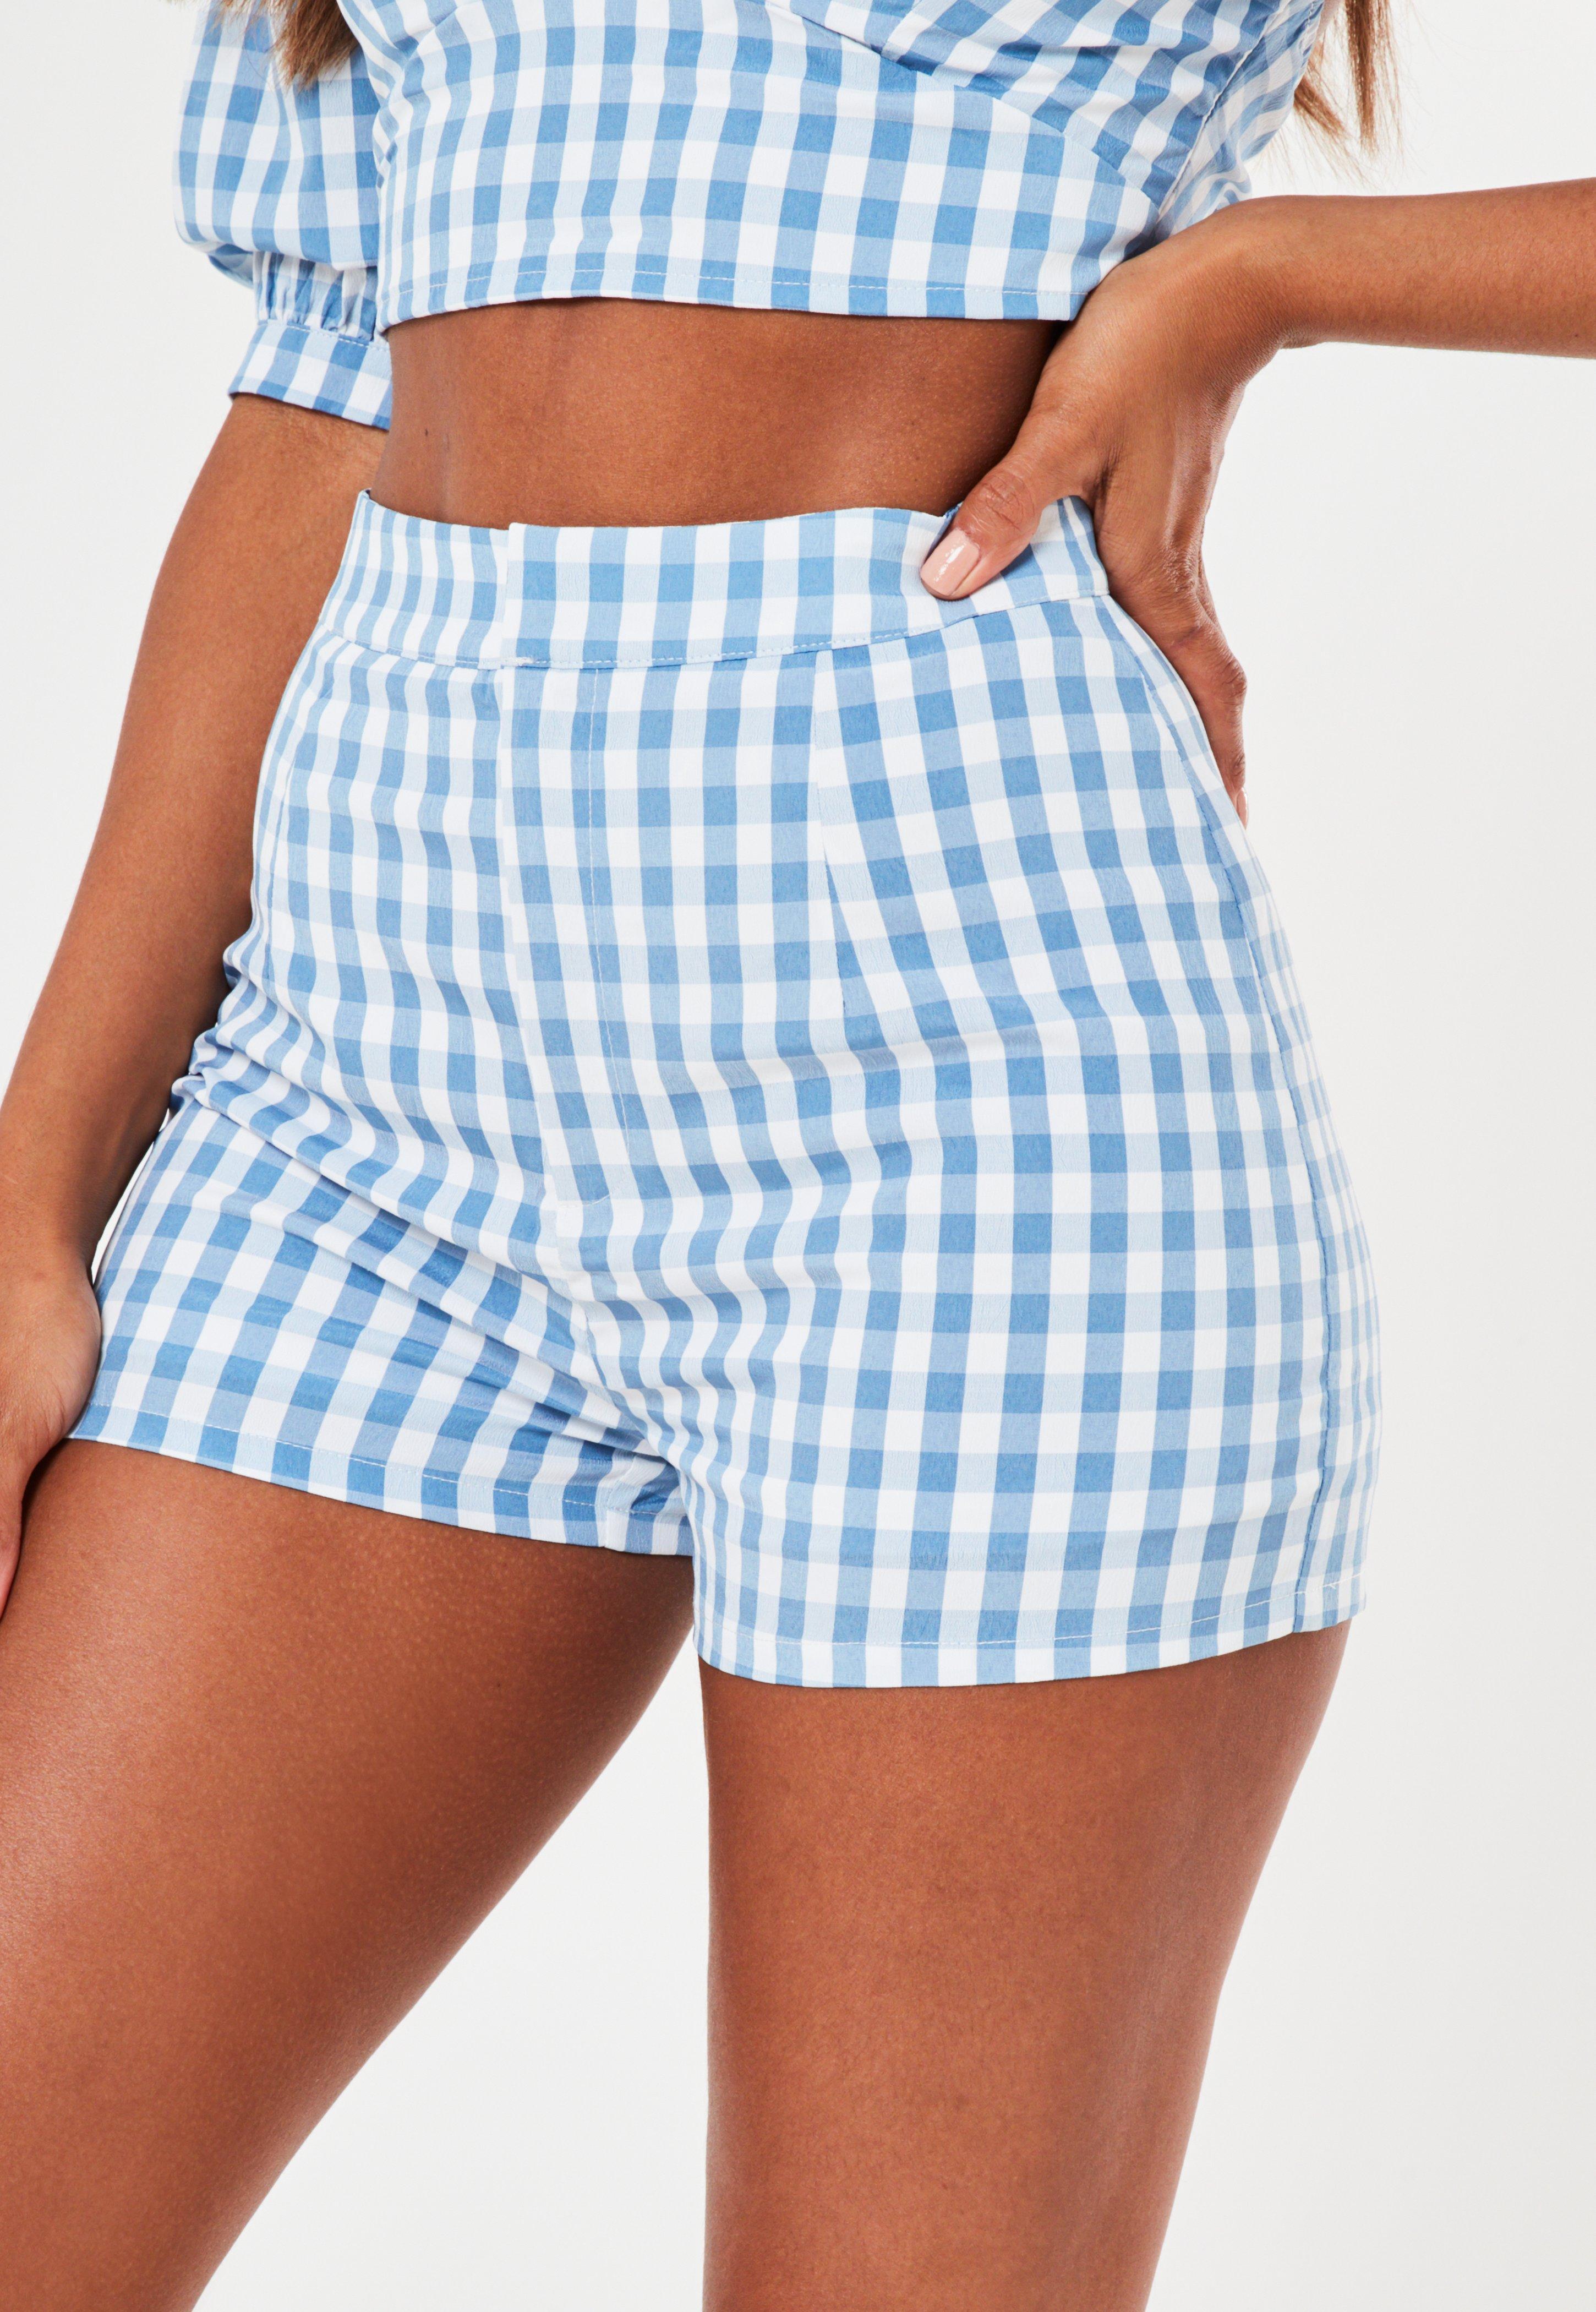 high waisted shorts ireland